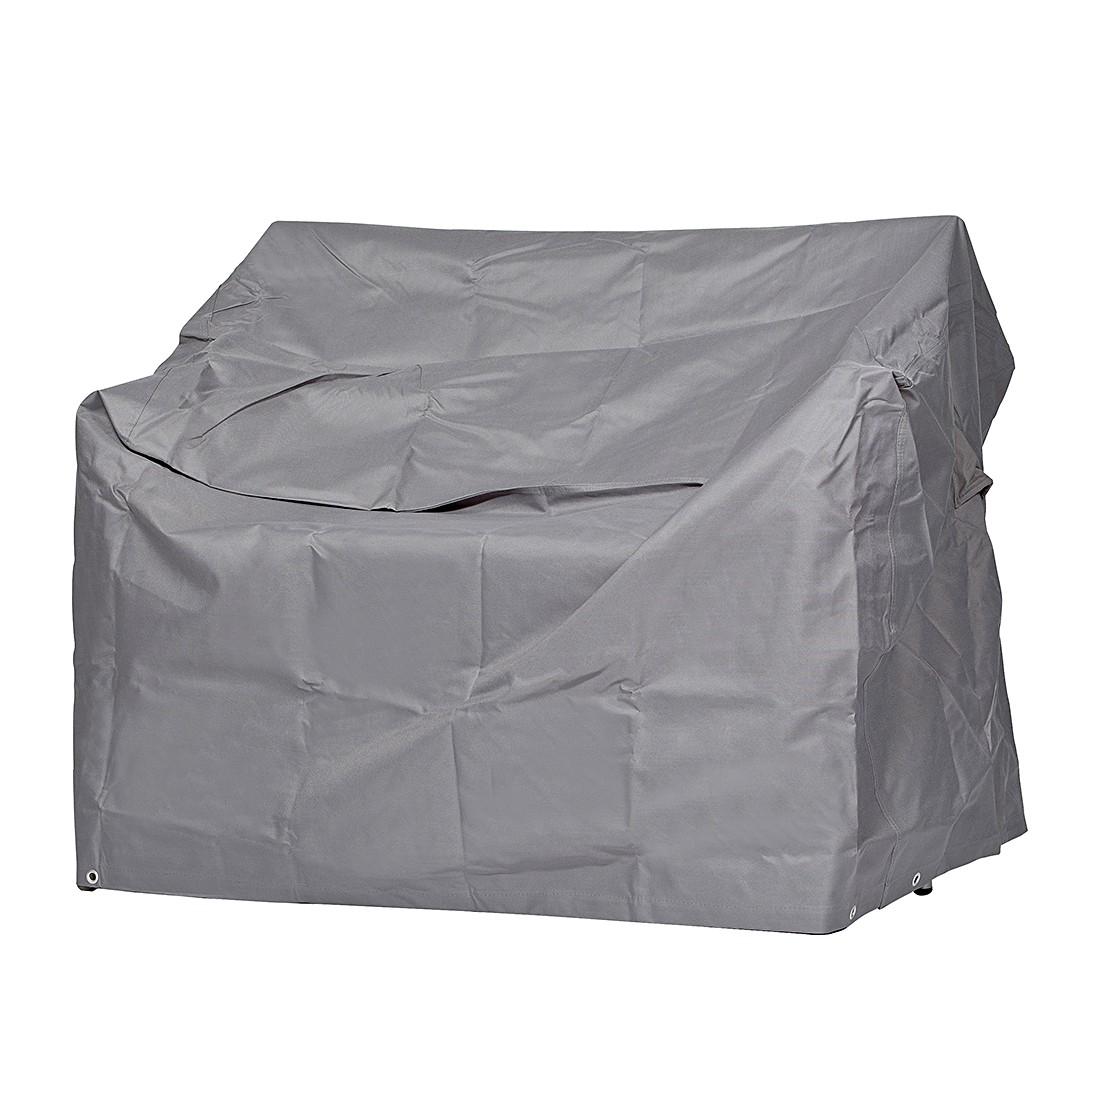 Schutzhülle Premium für Gartenbank (2-Sitzer) - Polyester, mehr Garten